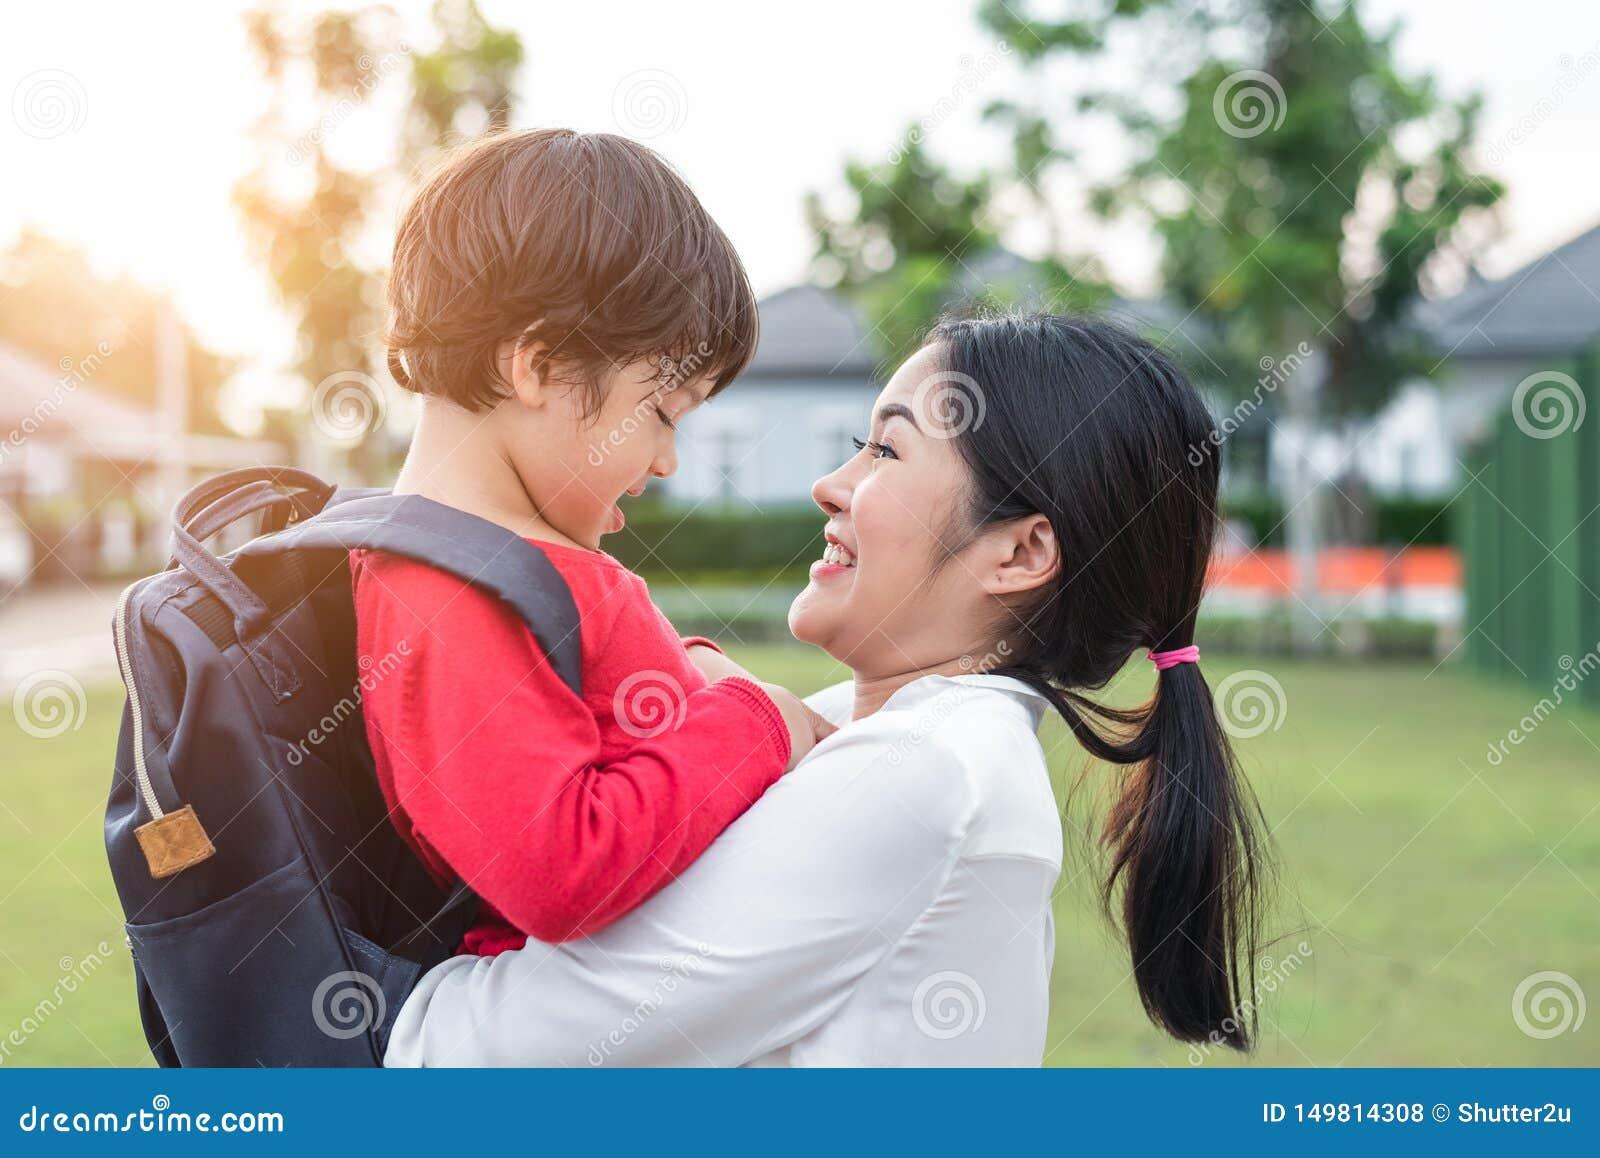 E o Mutter, die mit Kindern spielt Ausbildung und Rückseite